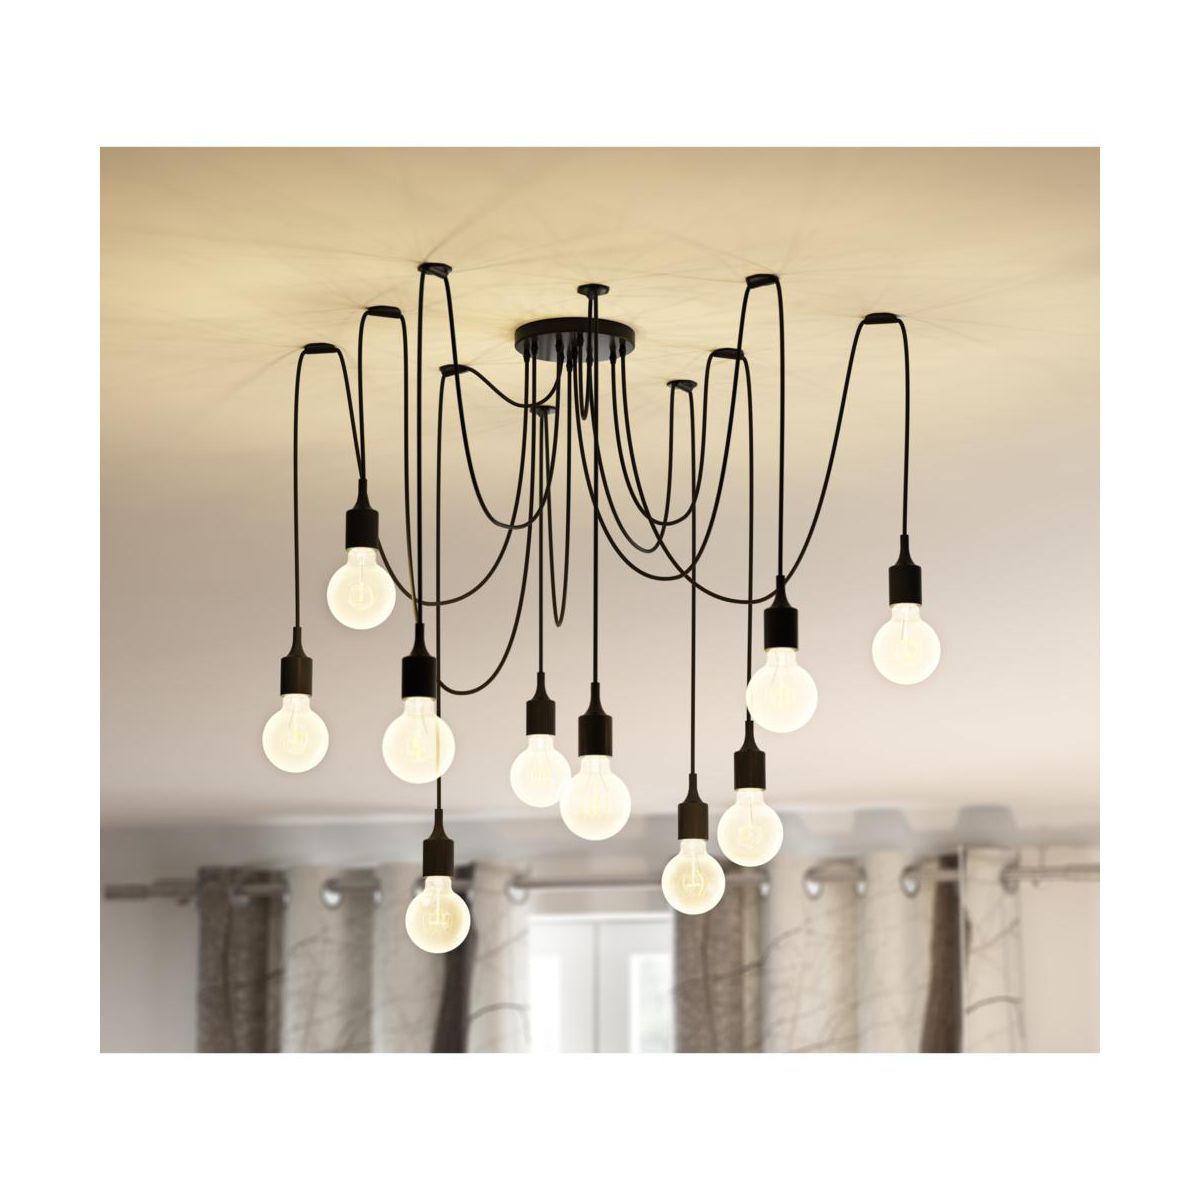 Lampa Wiszaca Soleto 10 X 60 W Light Prestige Lampy Wiszace W Atrakcyjnej Cenie W Sklepach Leroy Merlin Lamp Light Chandelier Interior Styling